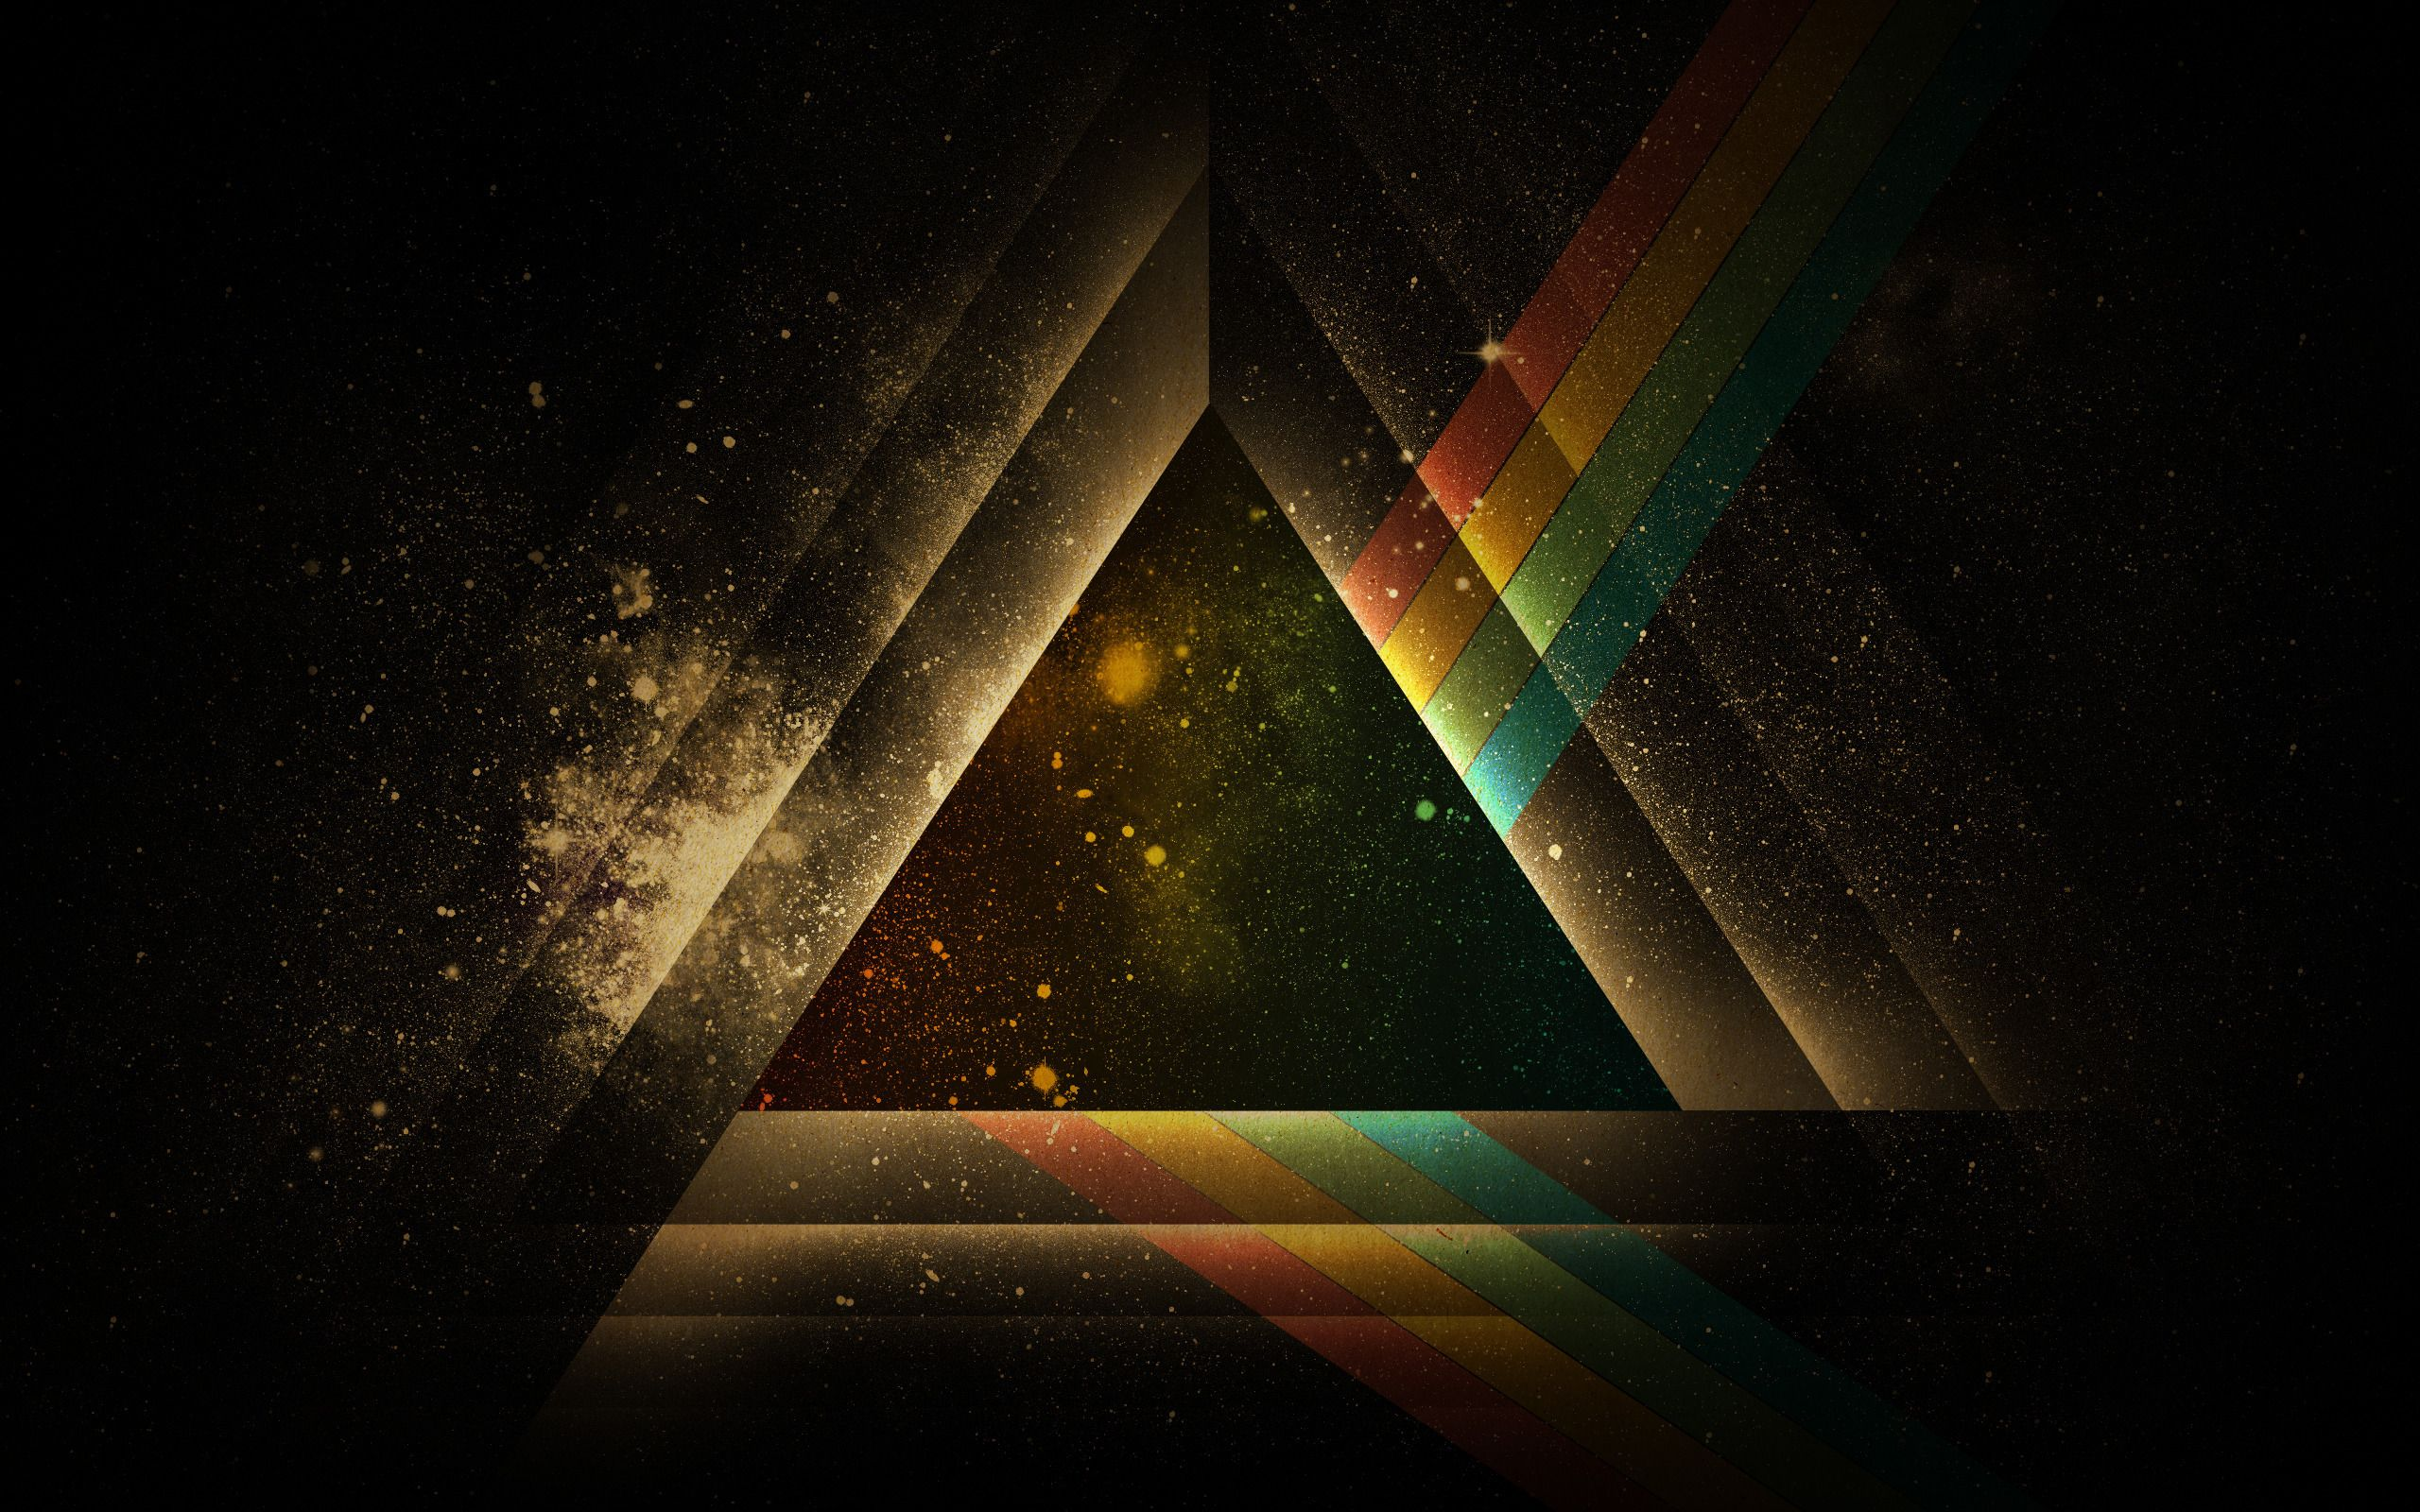 Music Pink Floyd Wallpaper Fondos De Pantalla Escritorio